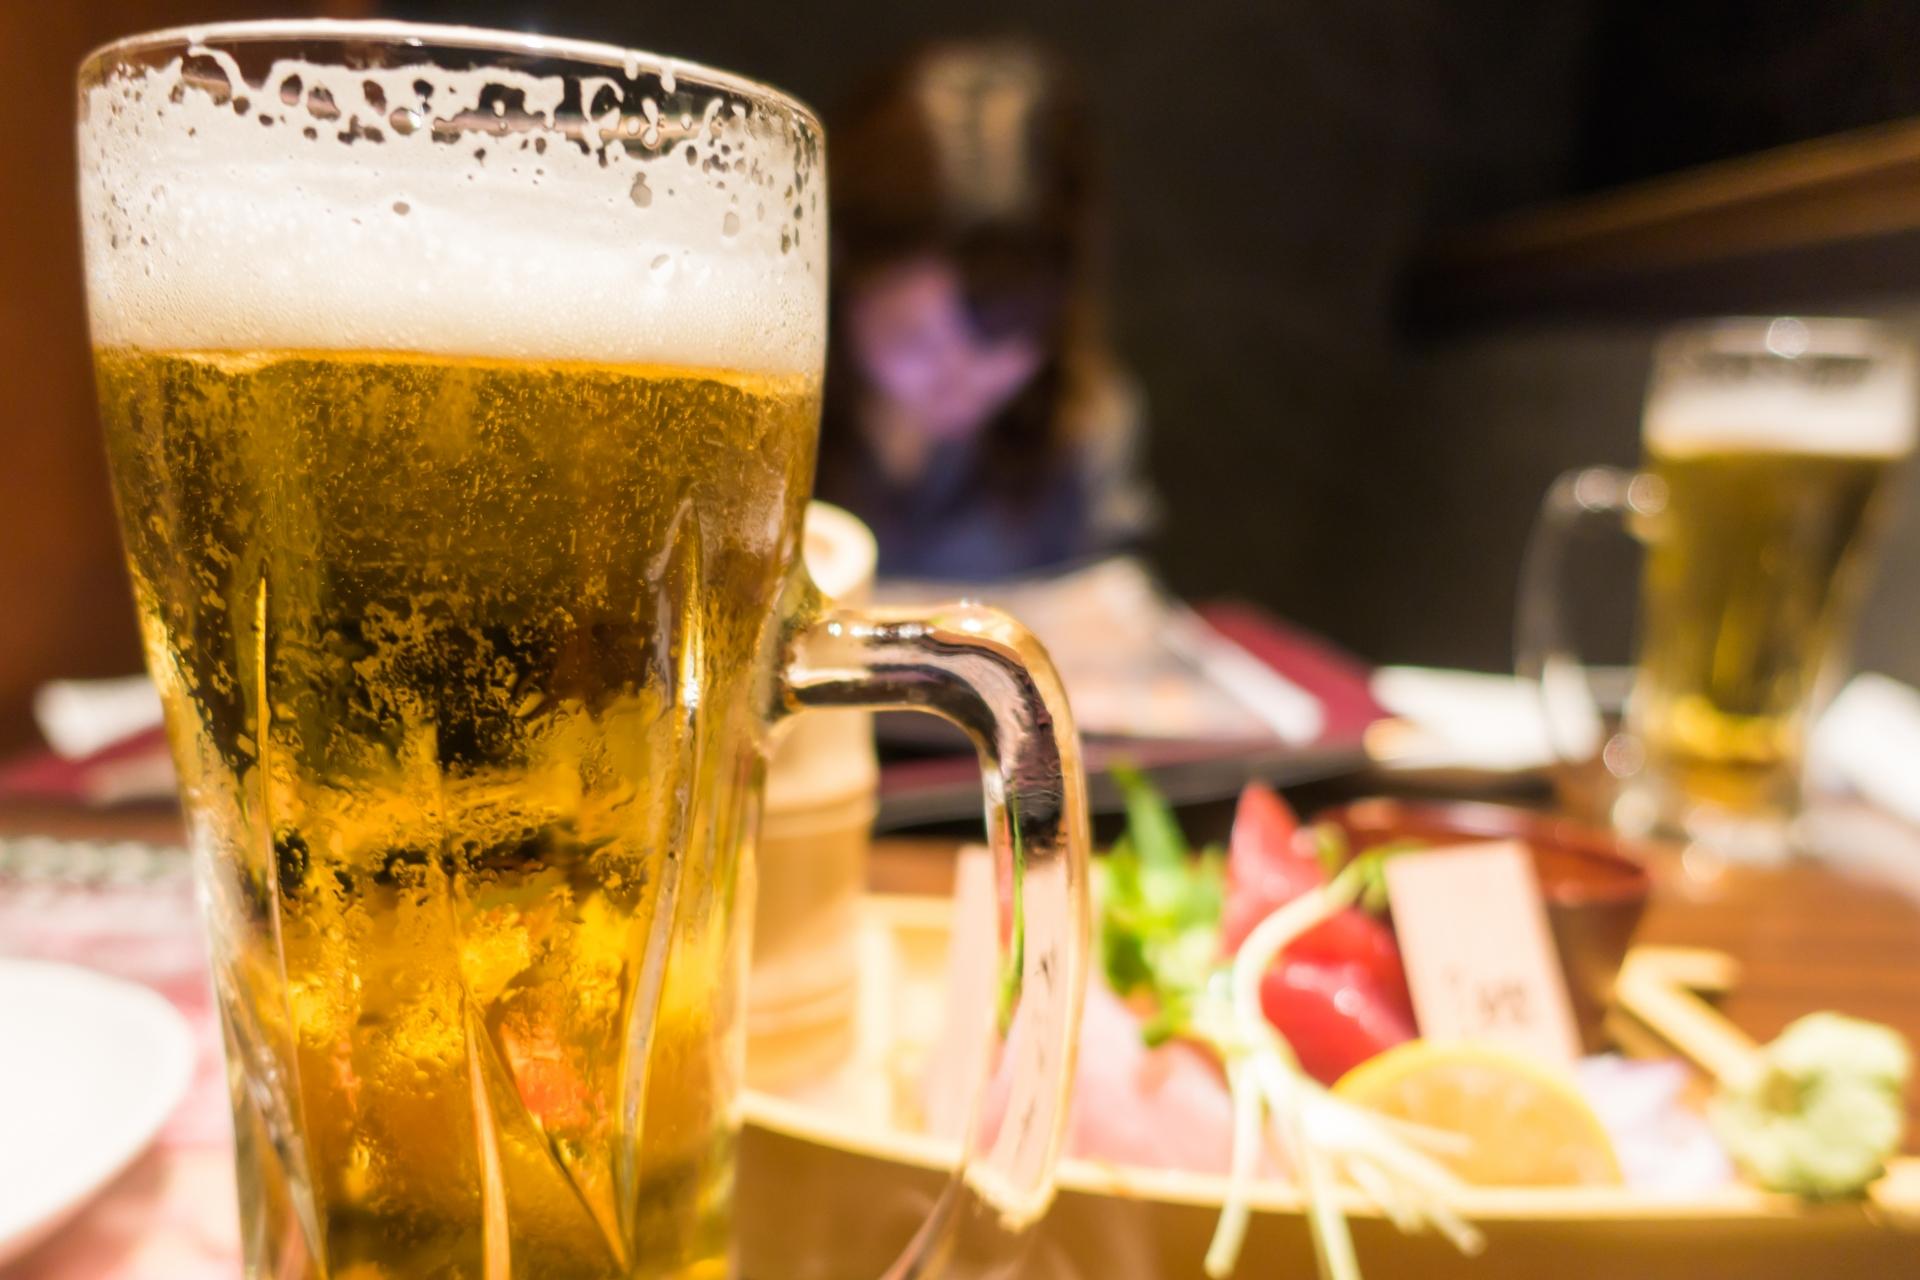 明大前の居酒屋で安いおすすめのお店は?人気の飲み放題でコスパも良し!